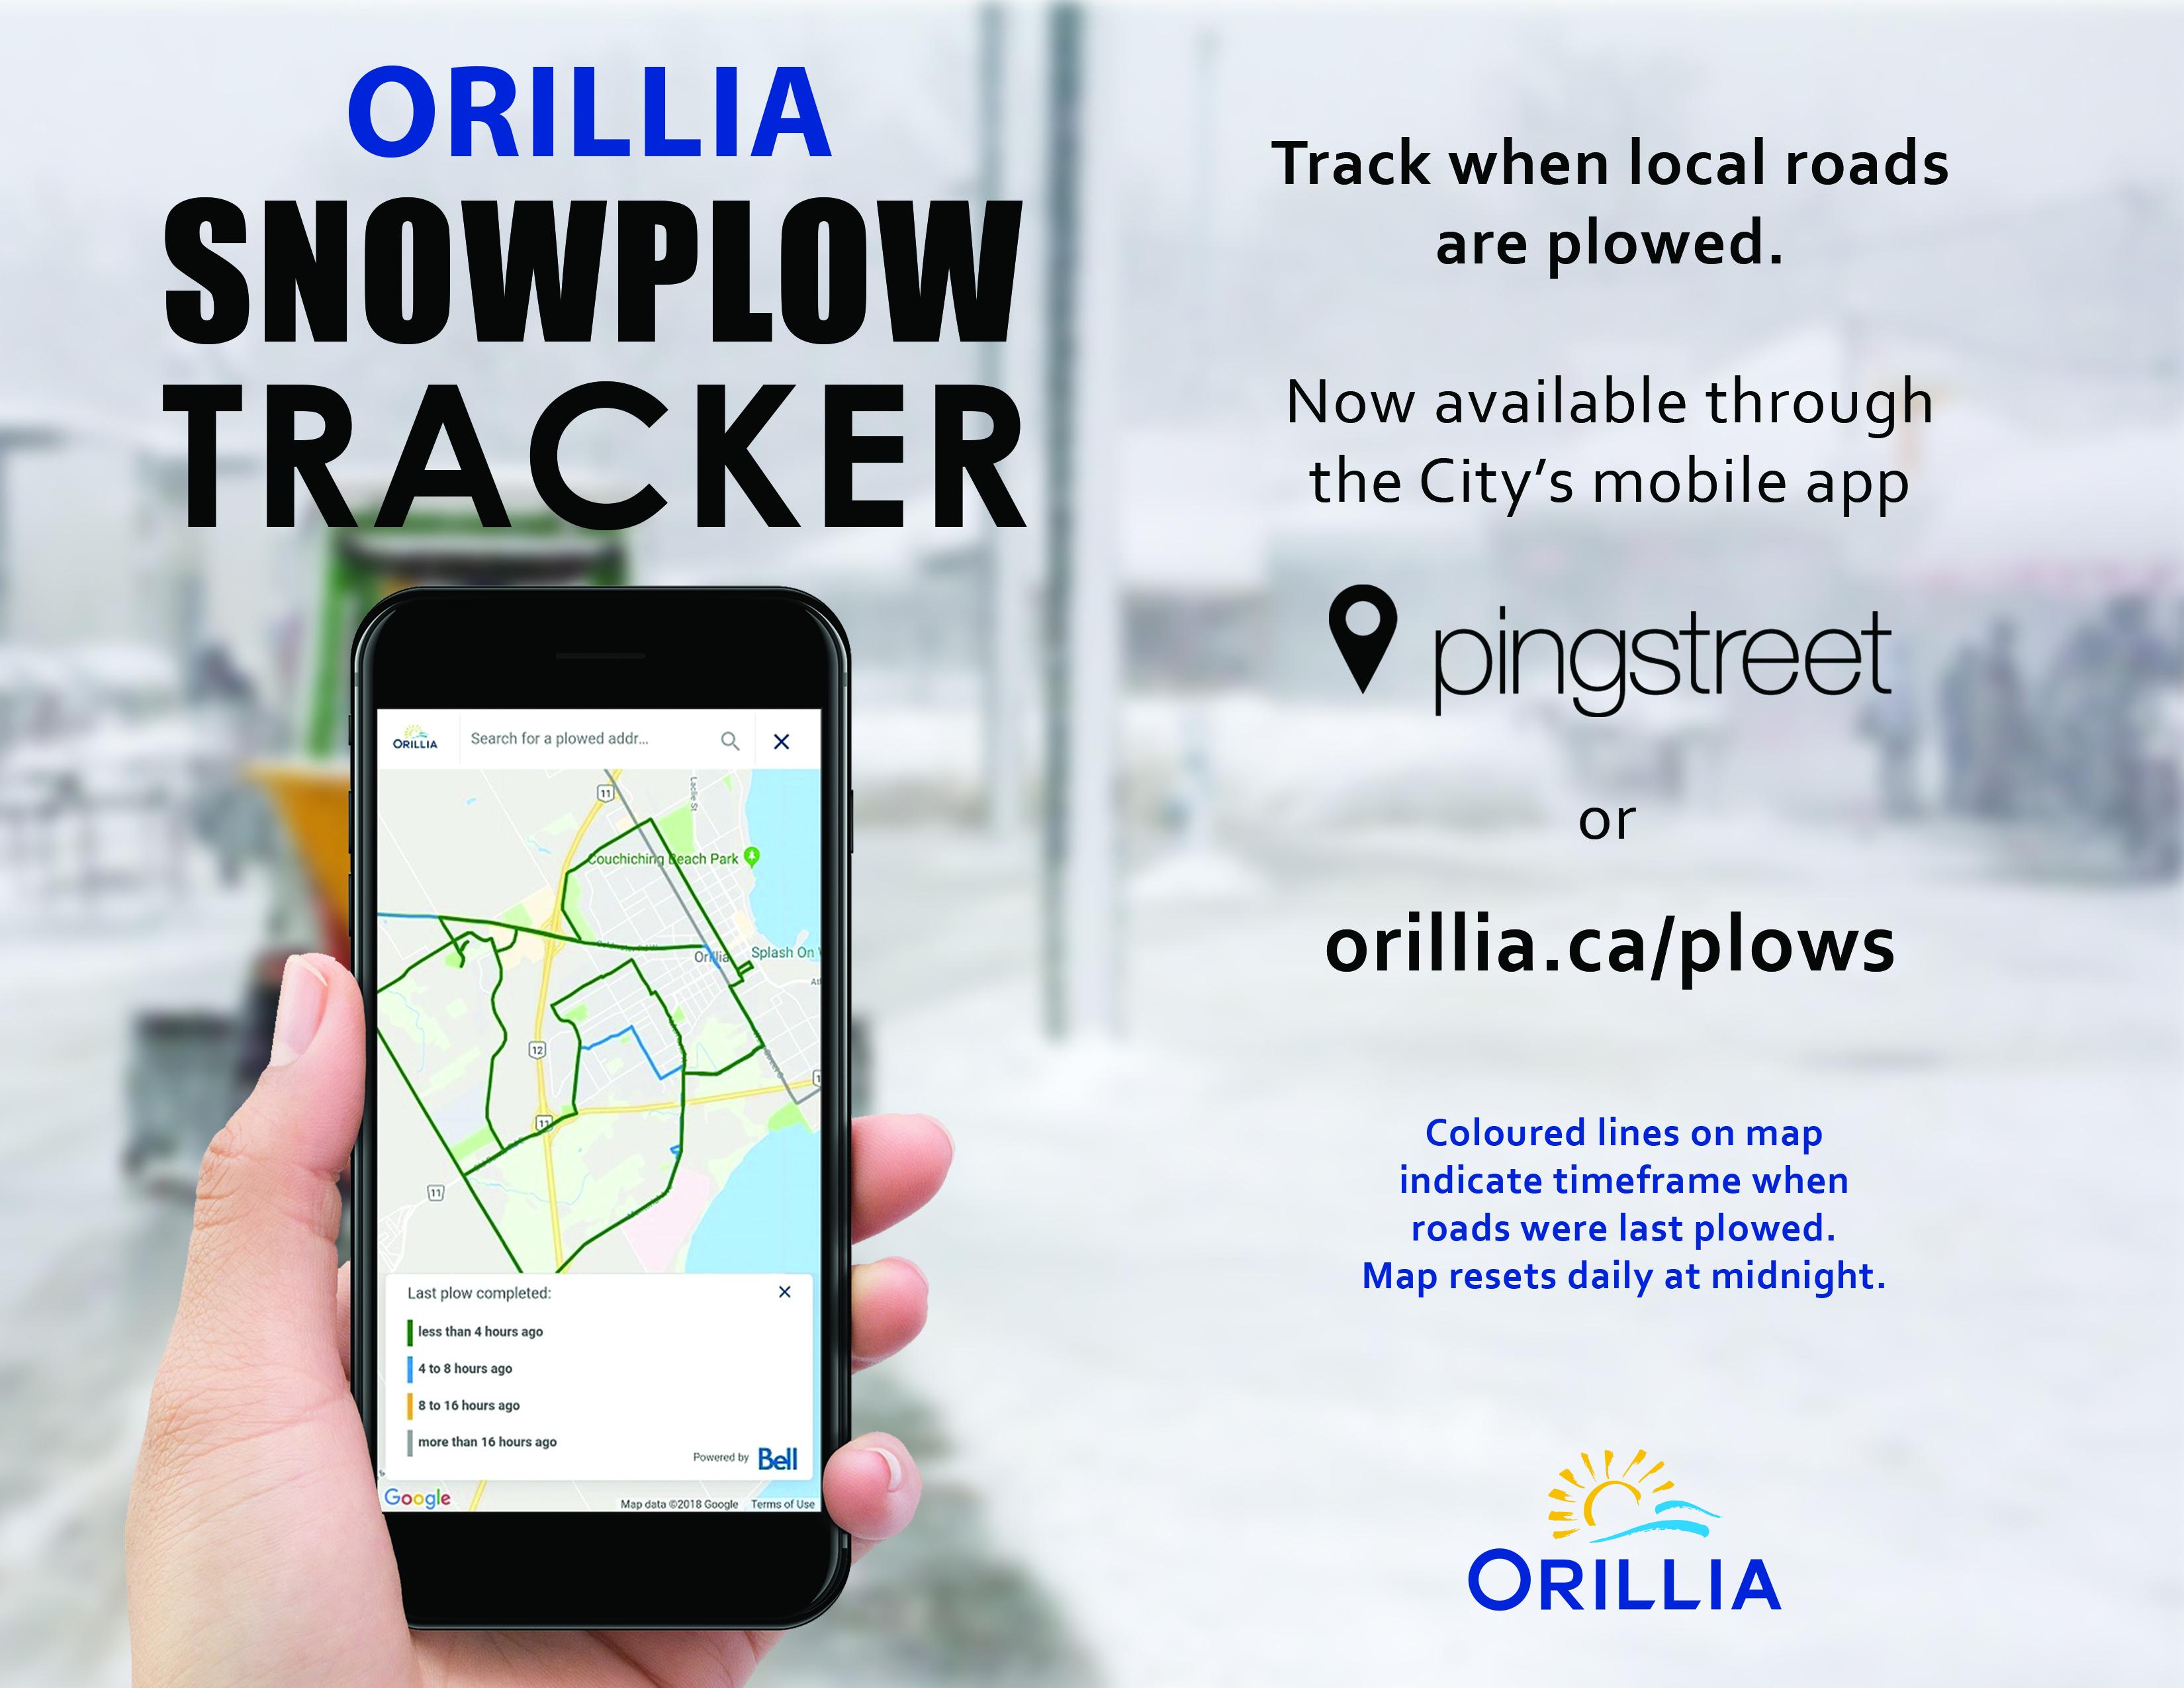 Snowplow Tracker Info